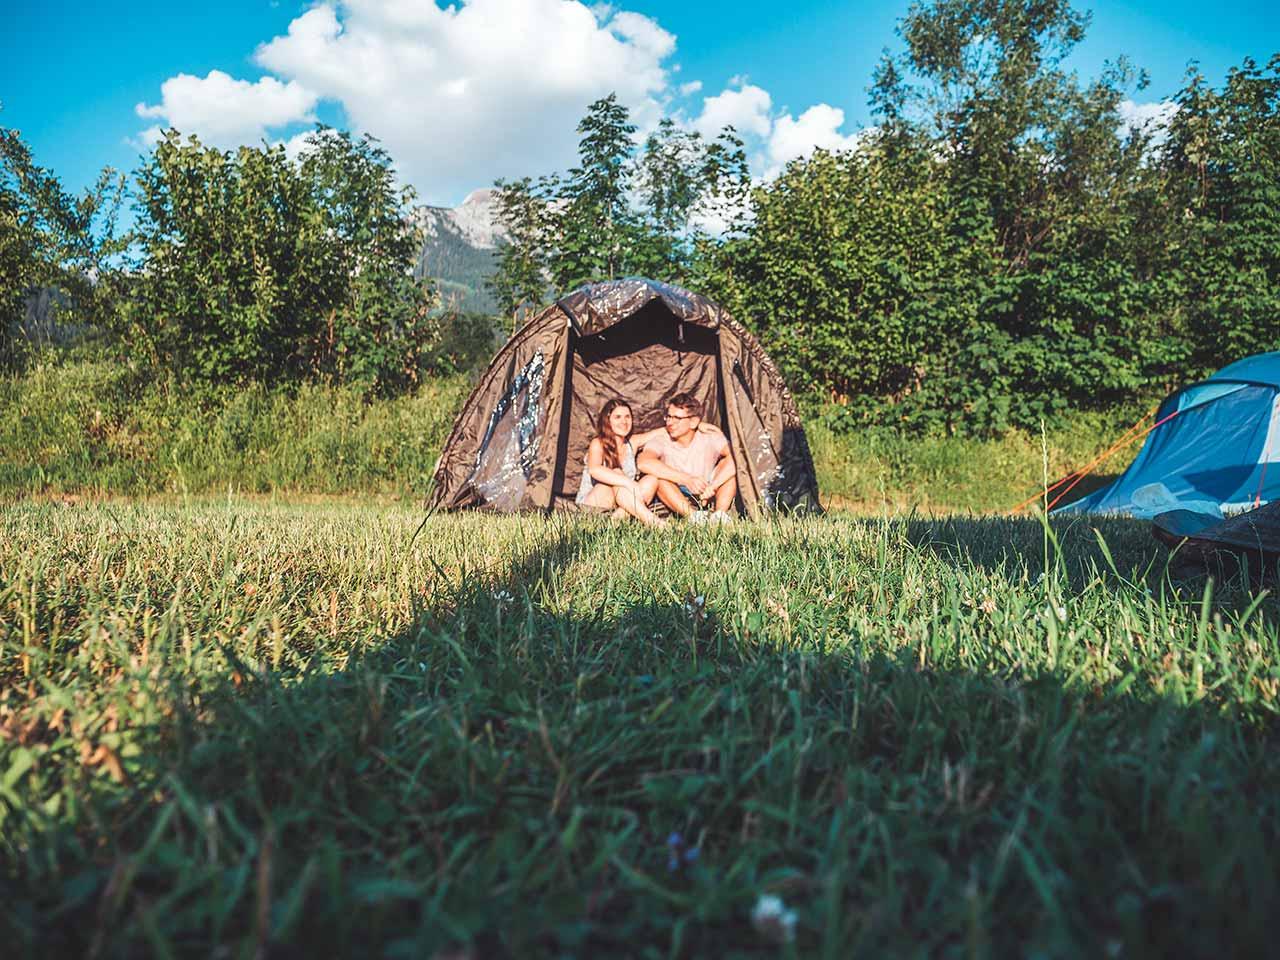 Campingplatz Königssee Grafenlehnen - Valentin & Jasmin sitzen vor ihrem Zelt